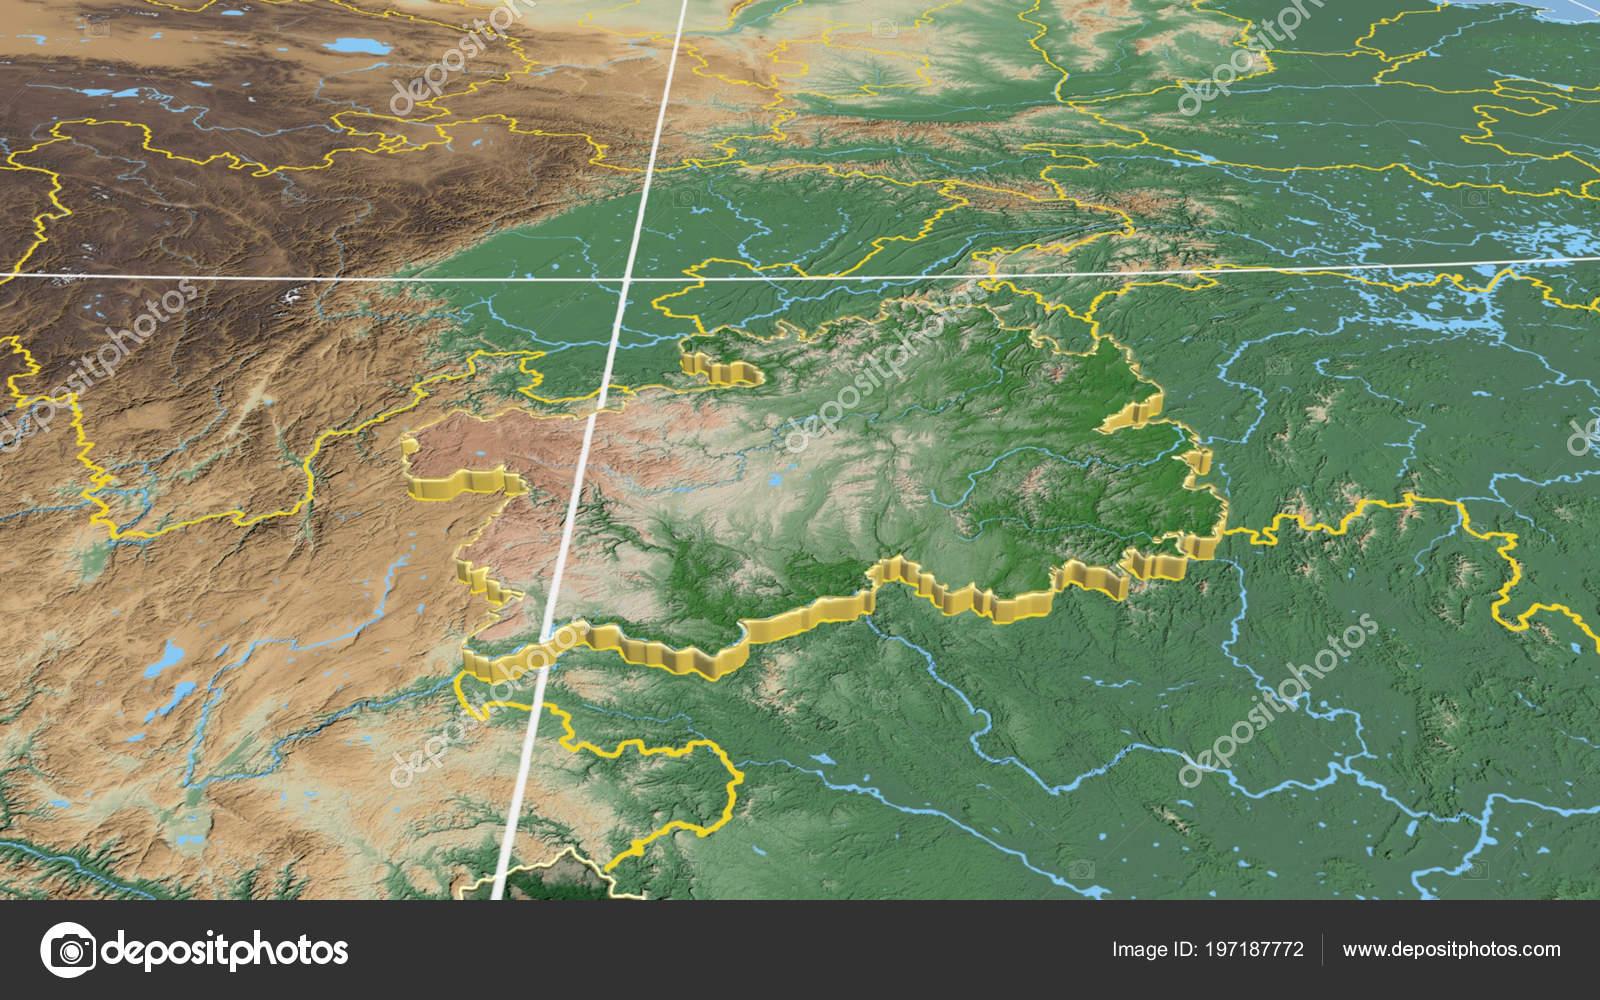 China Karte Physisch.Guizhou Extrudiert Region Von China Physische Karte Der Farbe